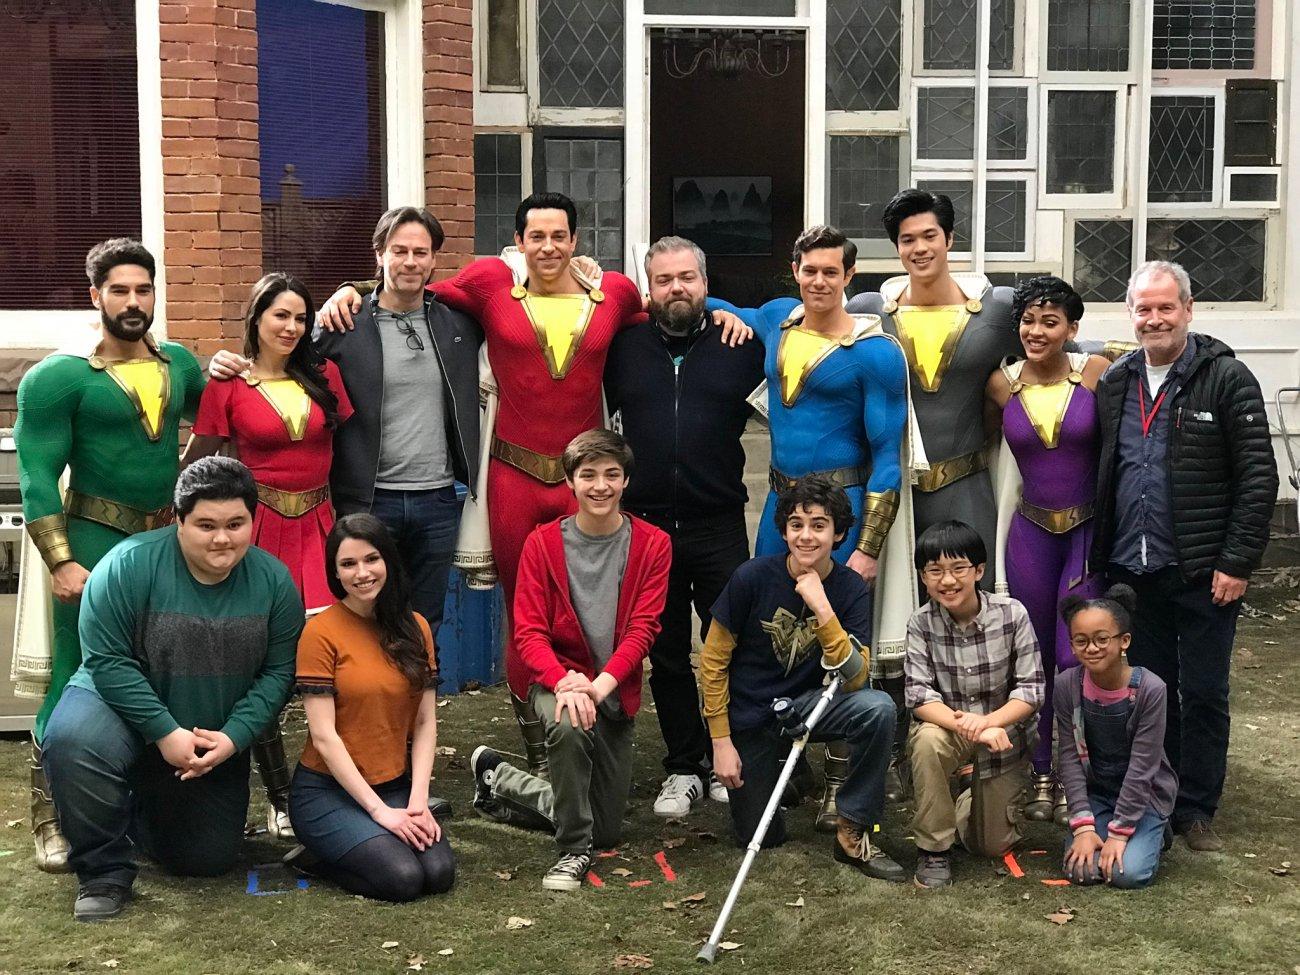 El productor Peter Safran (tercero de izquierda a derecha), el director David F. Sandberg (centro) y la Shazam Family en el set de Shazam! (2019). Imagen: David F. Sandberg Twitter (@ponysmasher).